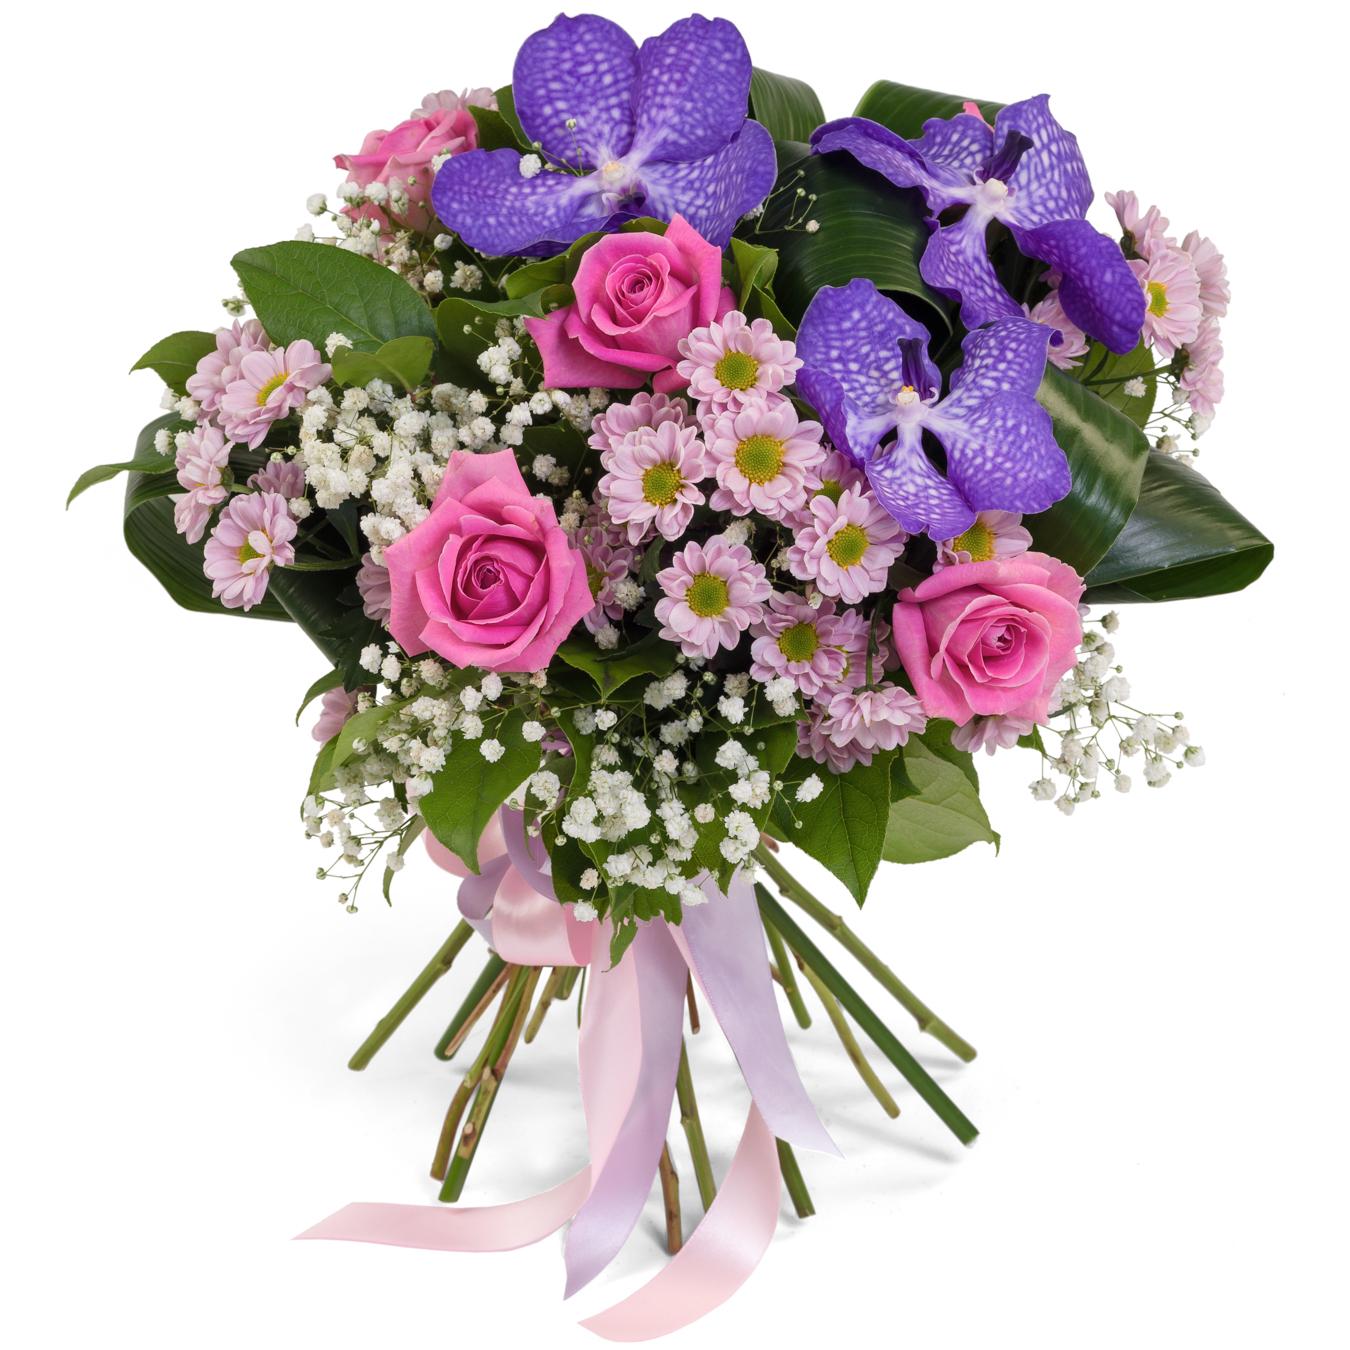 Авторский букет цветов Первое свидание<br>Ингредиенты: Аспидистра 3 шт, Орхидея ванда синяя 3 шт, Гипсофила 1 шт, Салал, Хризантема сантини 5 шт, Роза (50 см) 5 шт;